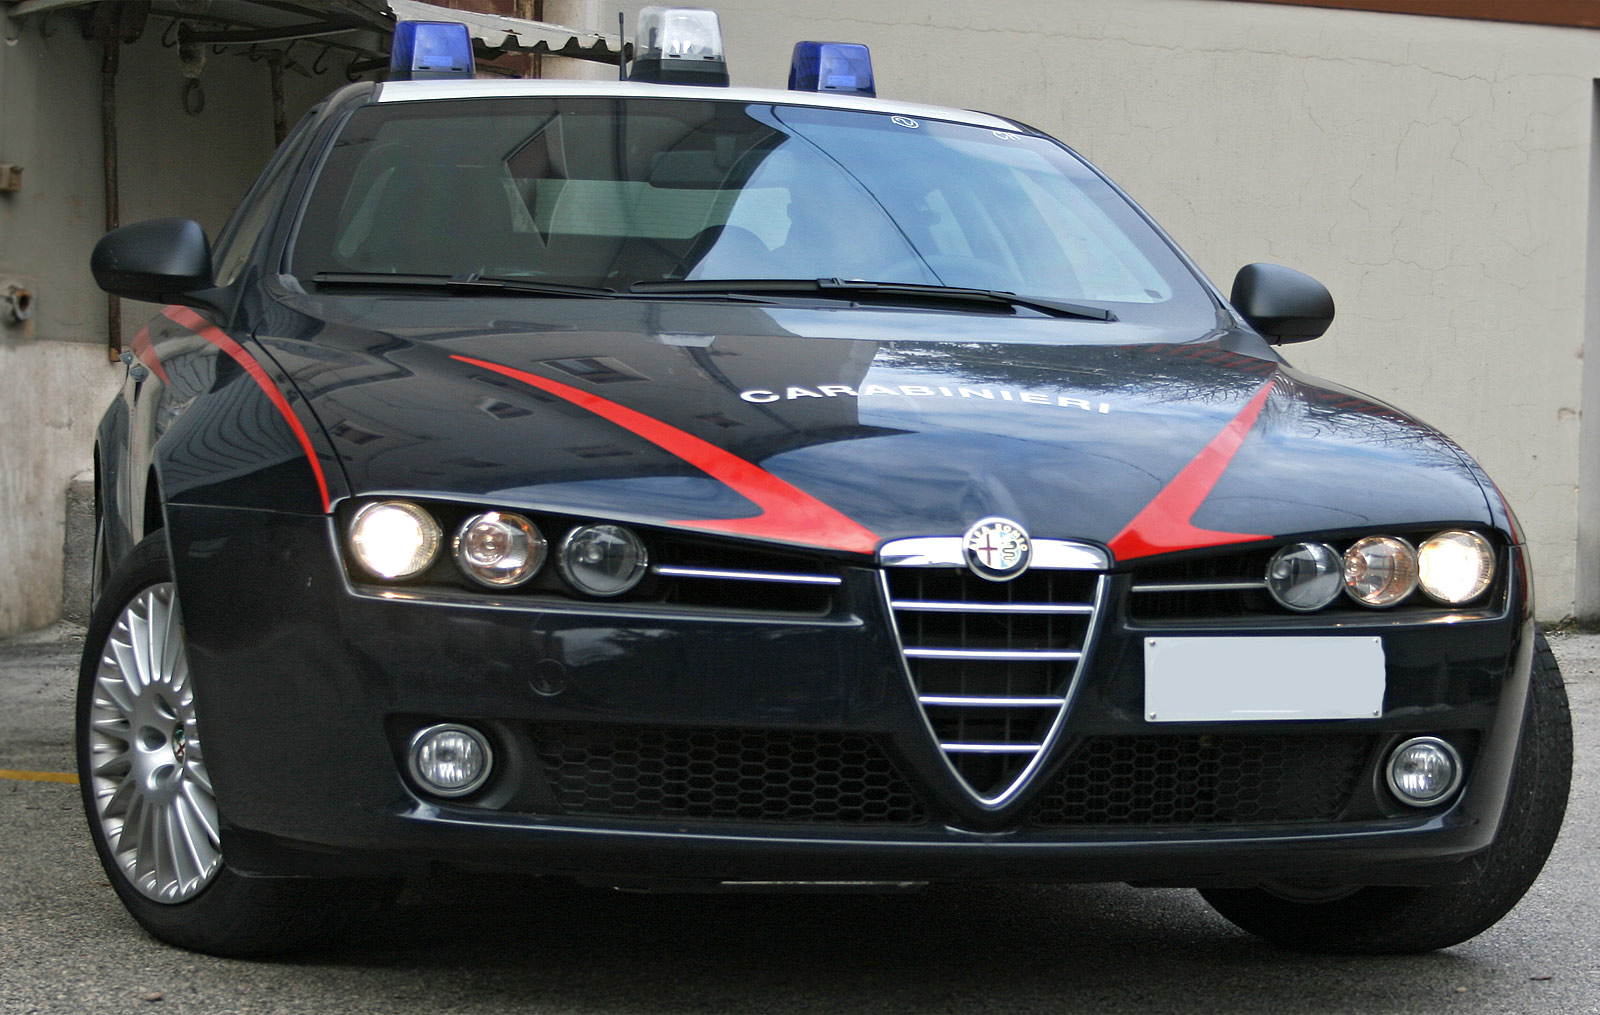 carabinieri arresto tentato omicidio femminicidio arresti domiciliari